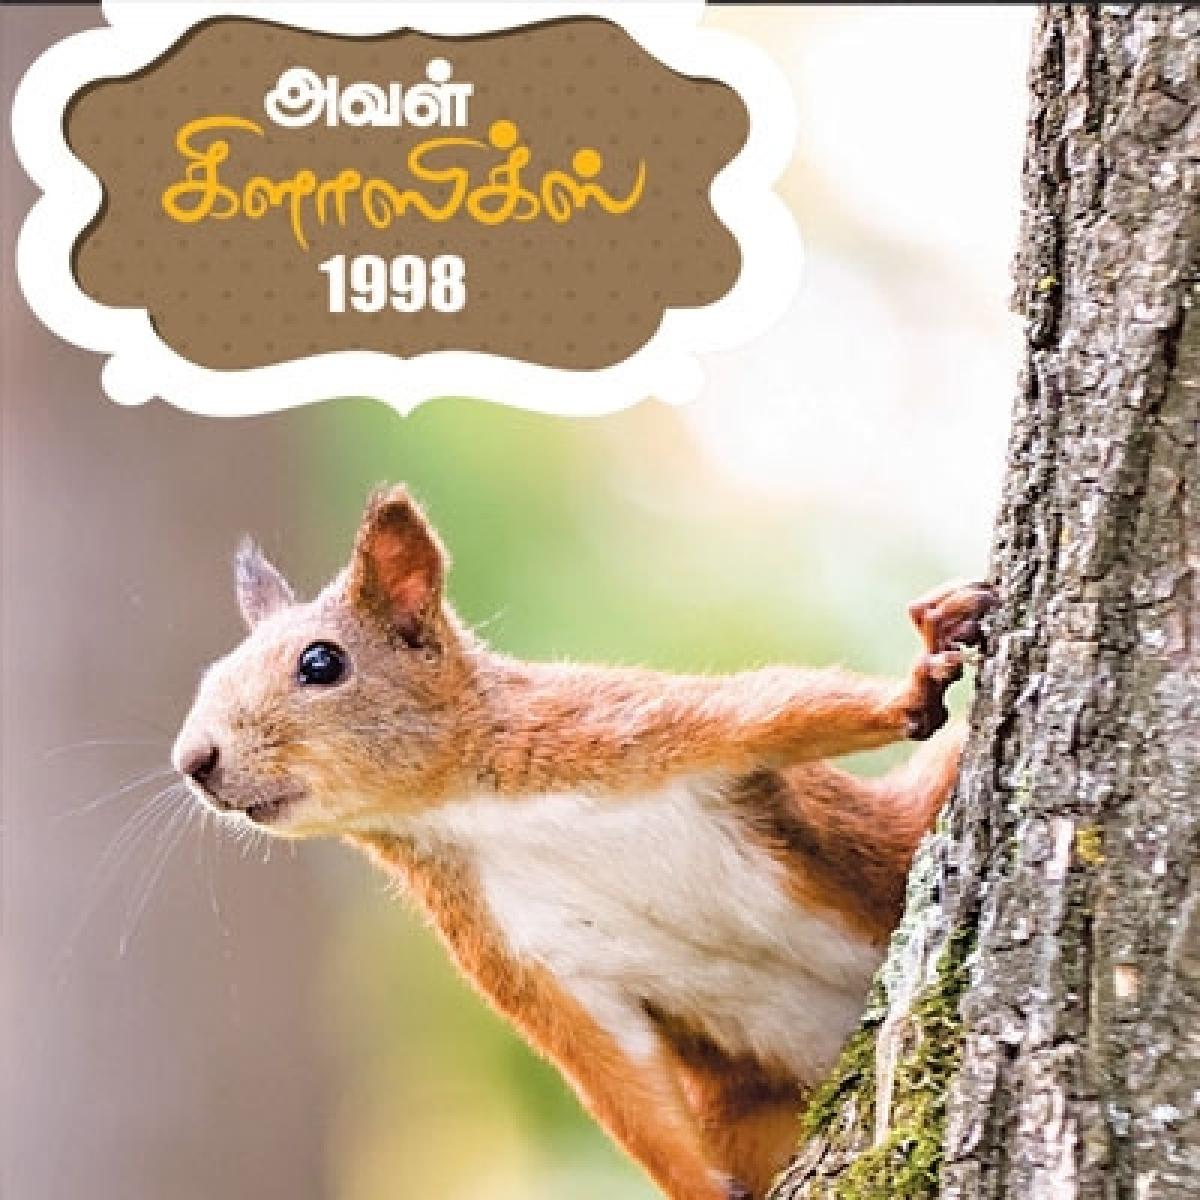 தப்பர்த்தம் - அவள் கிளாஸிக்ஸ் 1998